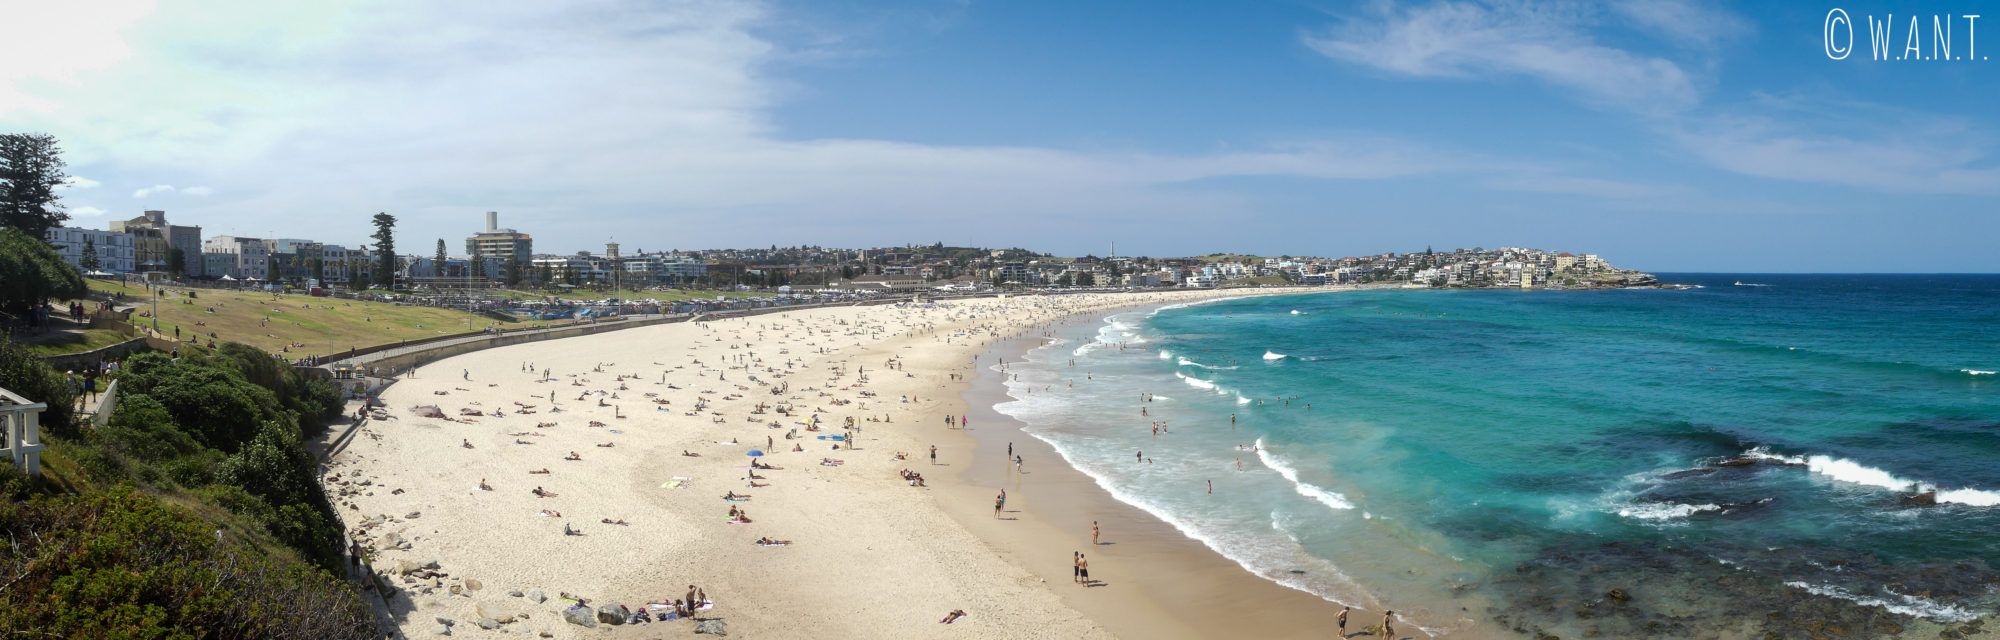 Panorama en hauteur sur la plage de Bondi près de Sydney